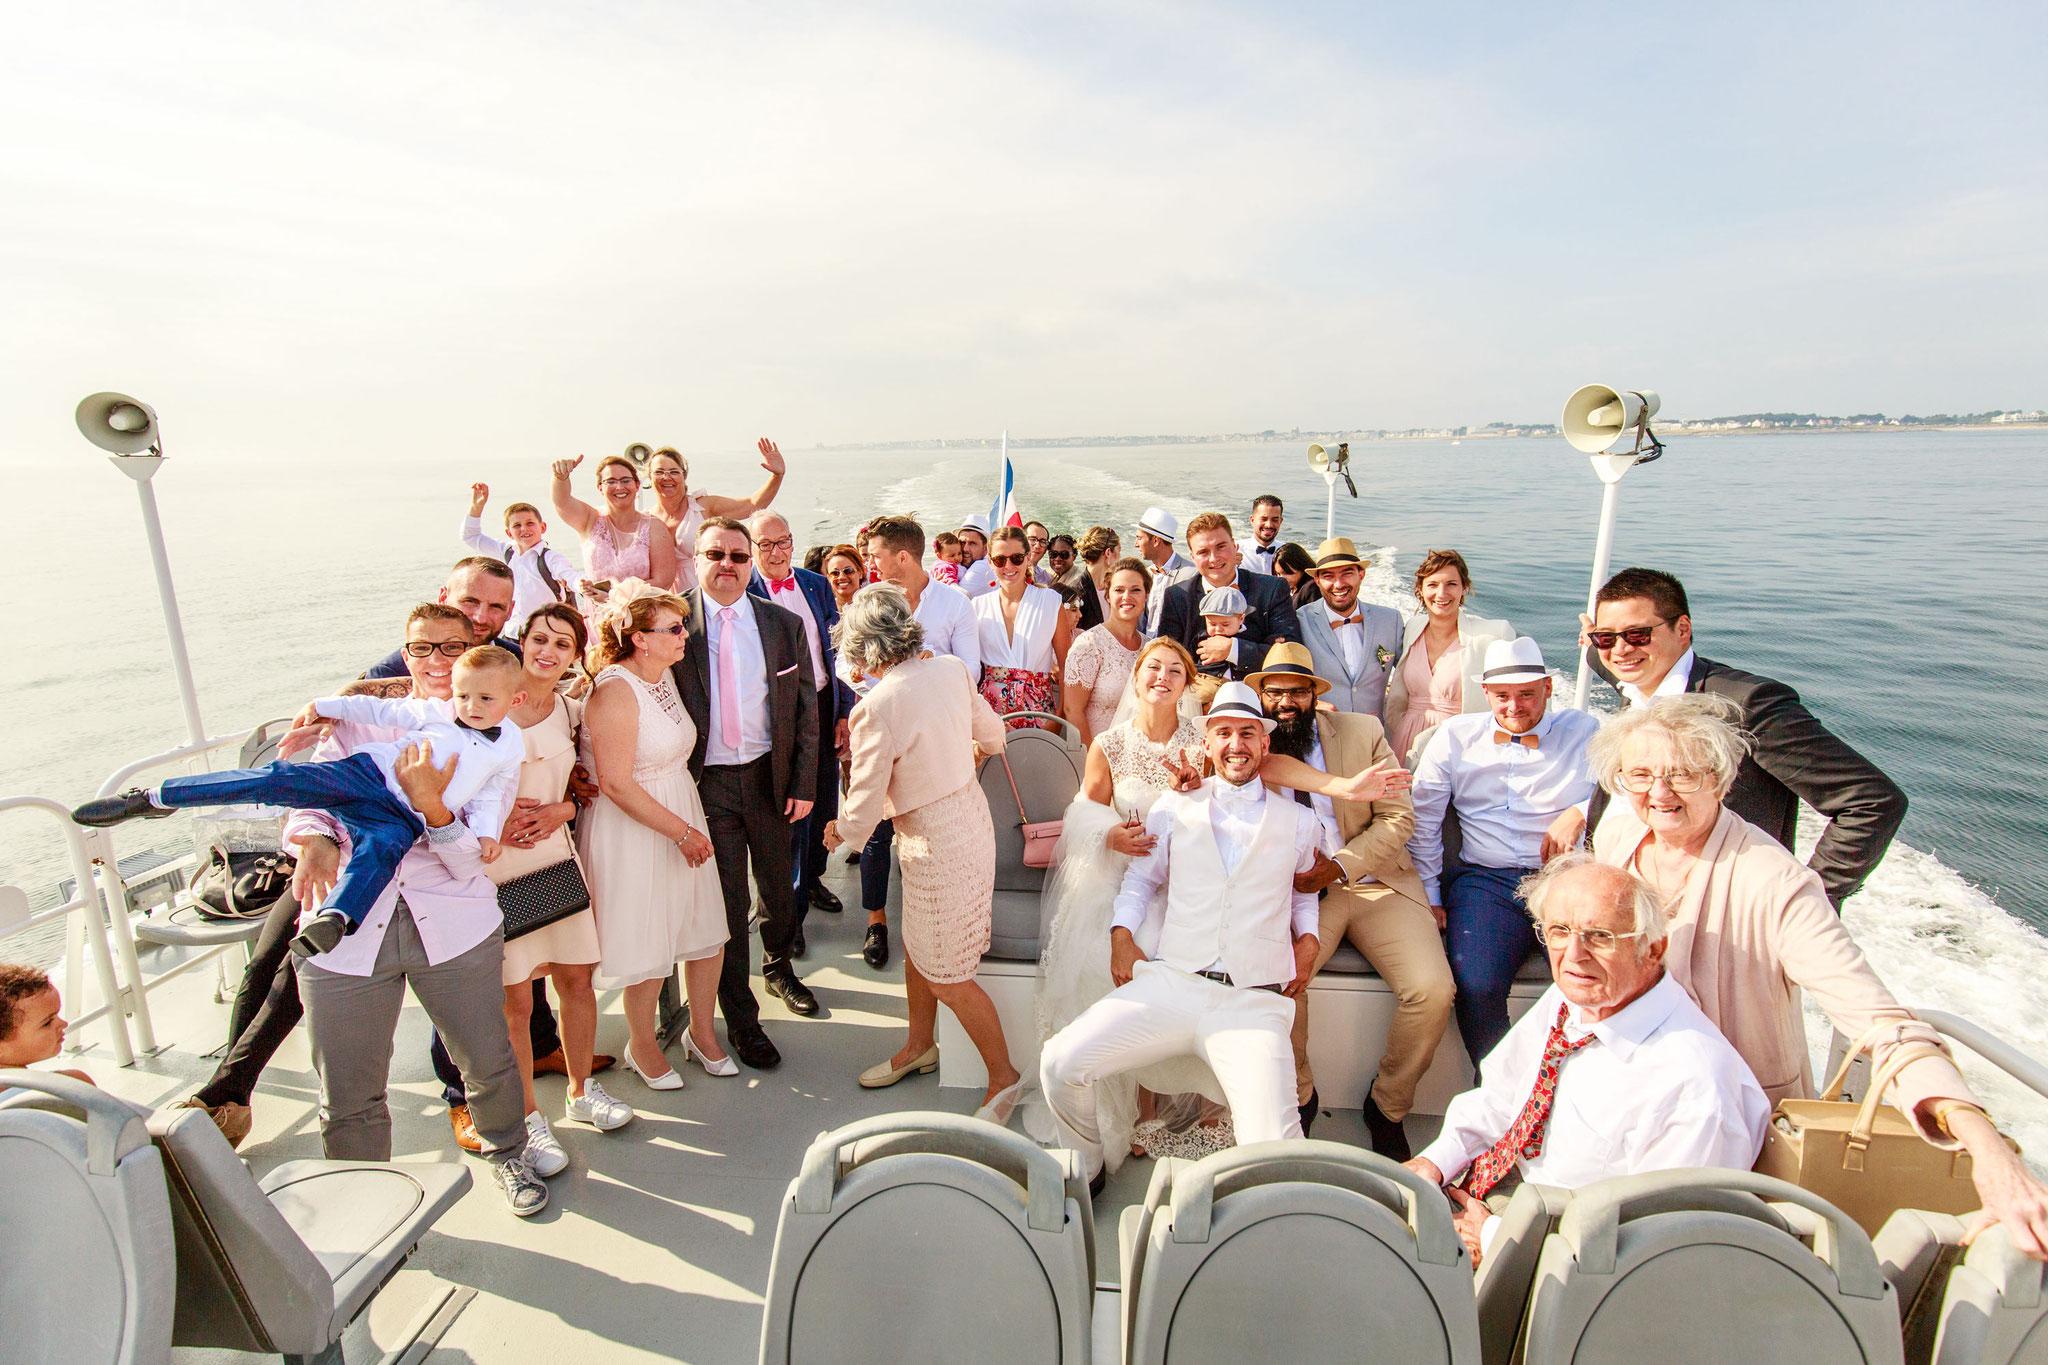 Photographies de mariages photo de groupe sur un bateau